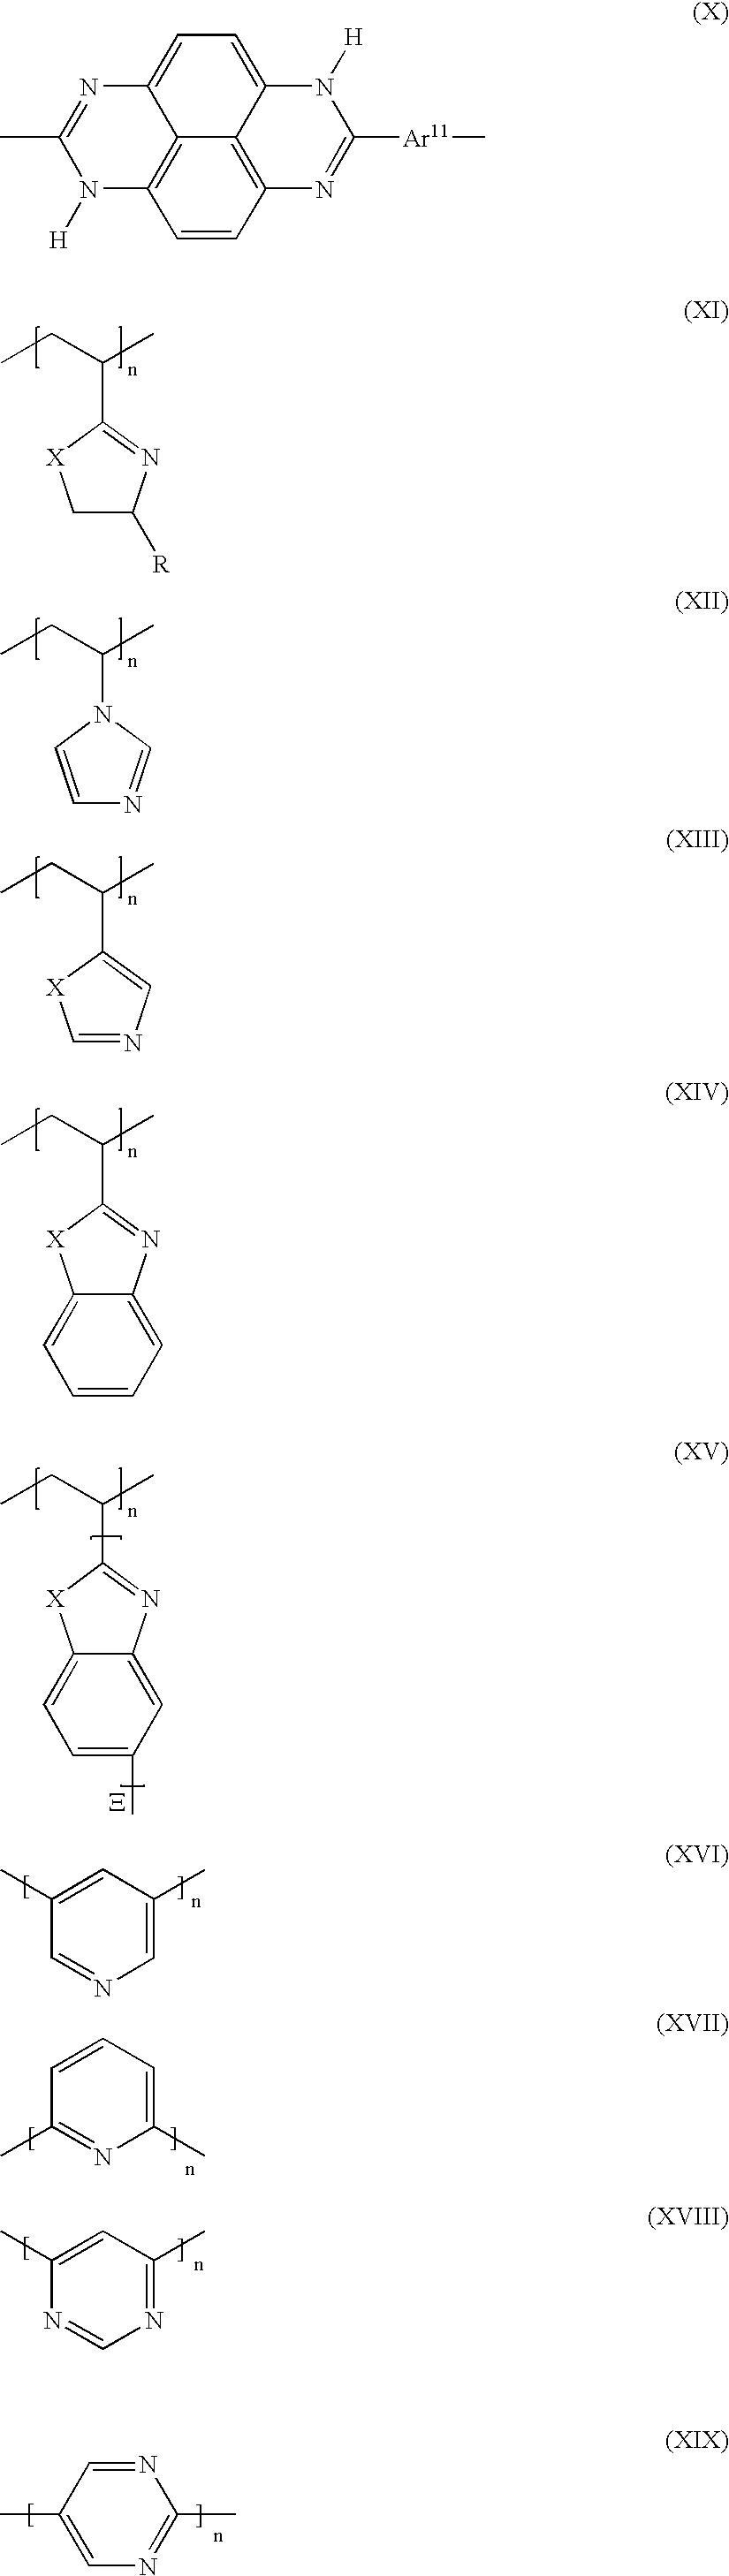 Figure US20050175879A1-20050811-C00002